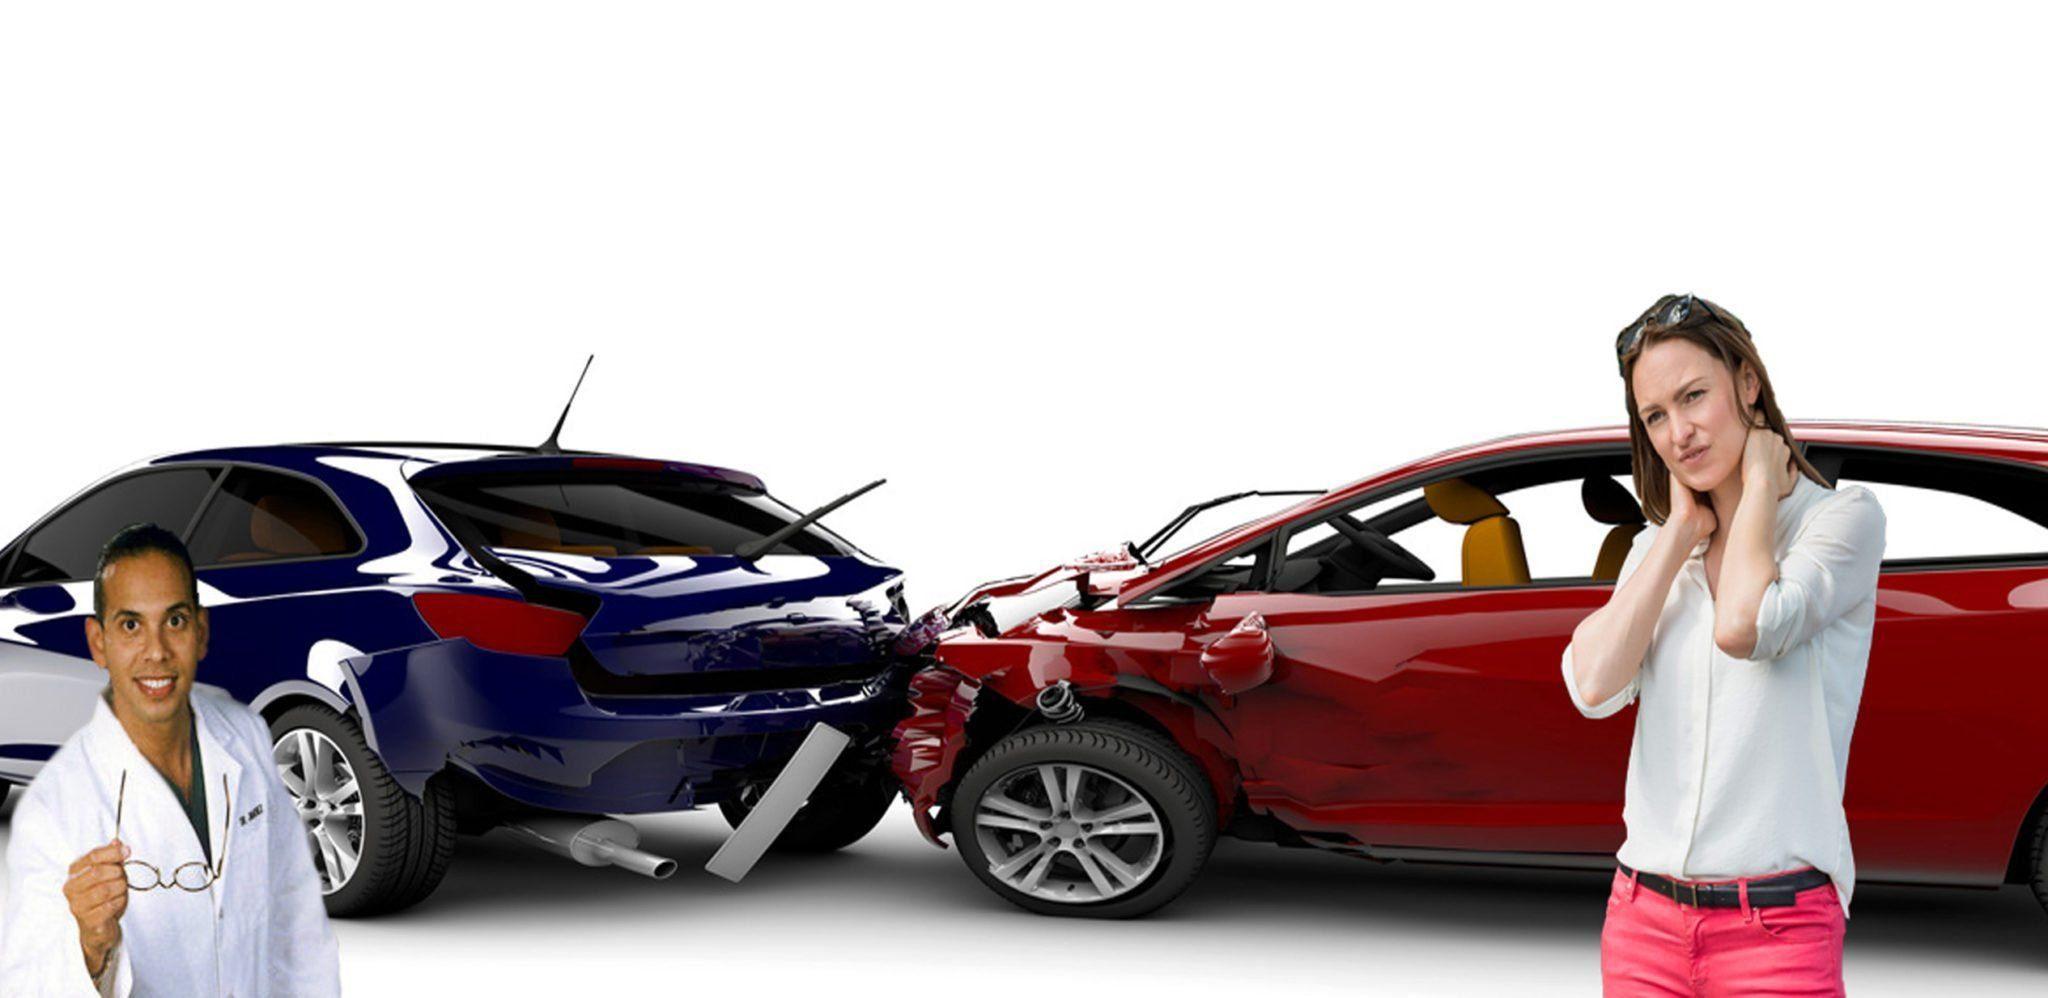 Accidentes y lesiones | El Paso, TX Personal Injury Doctors Group